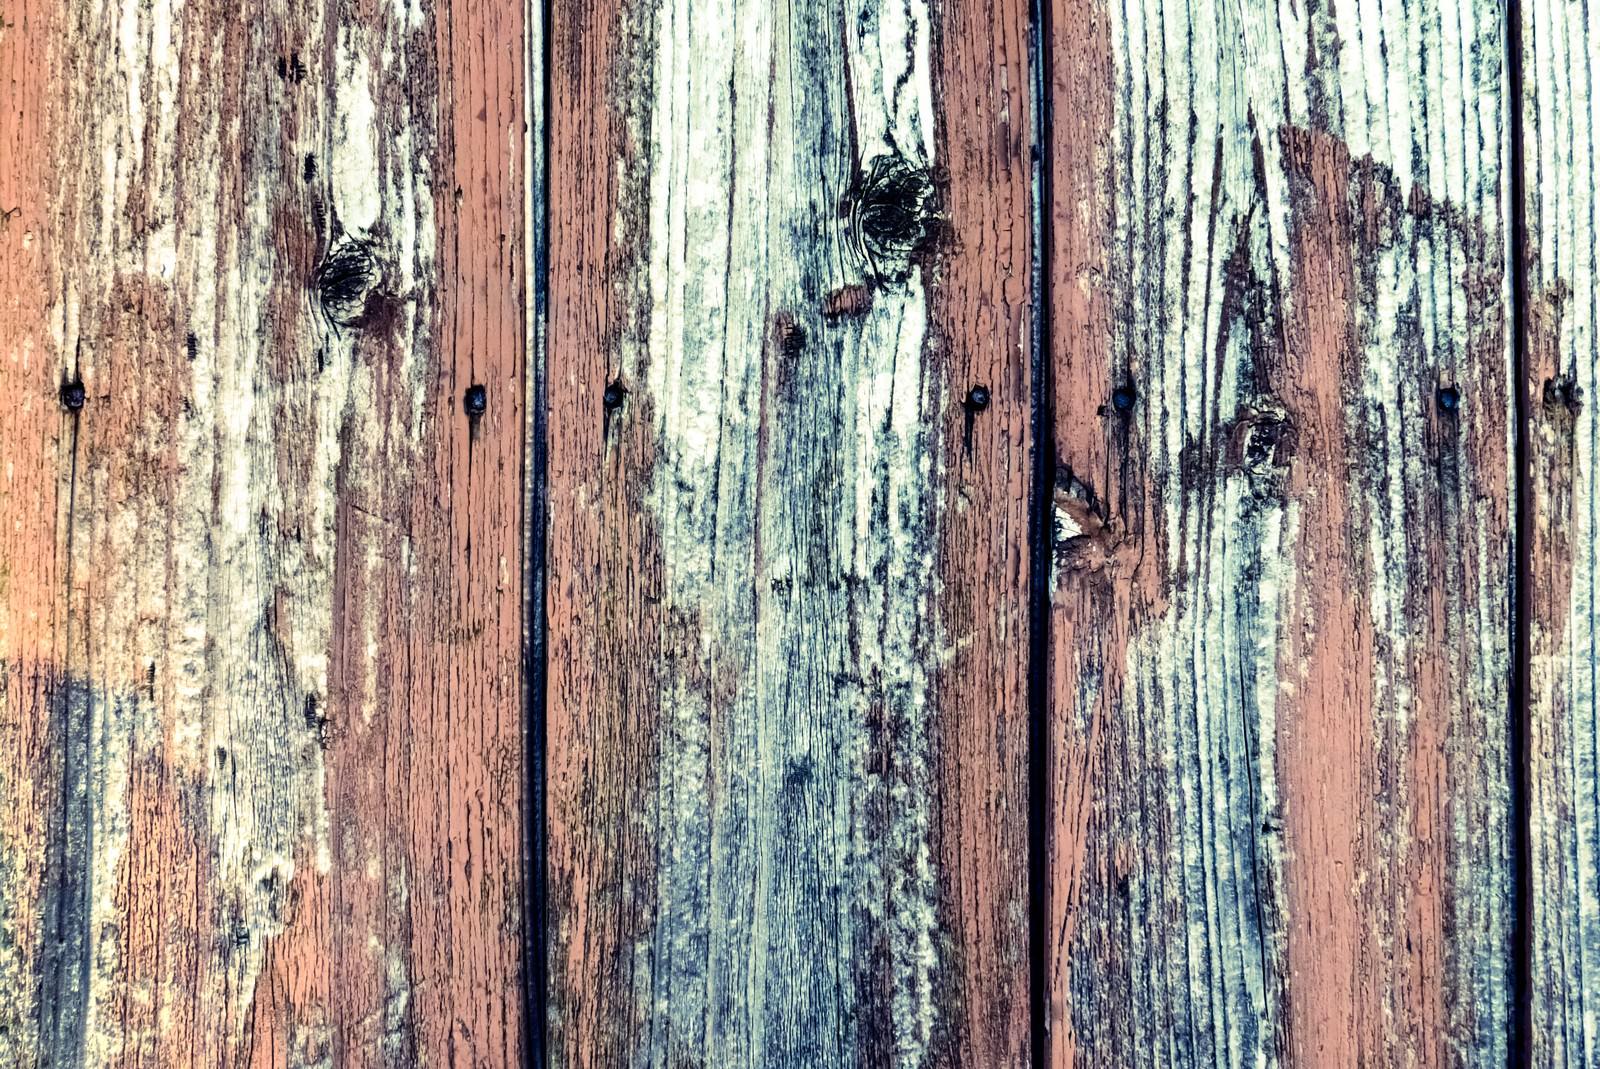 「ボロボロの木の柵」の写真